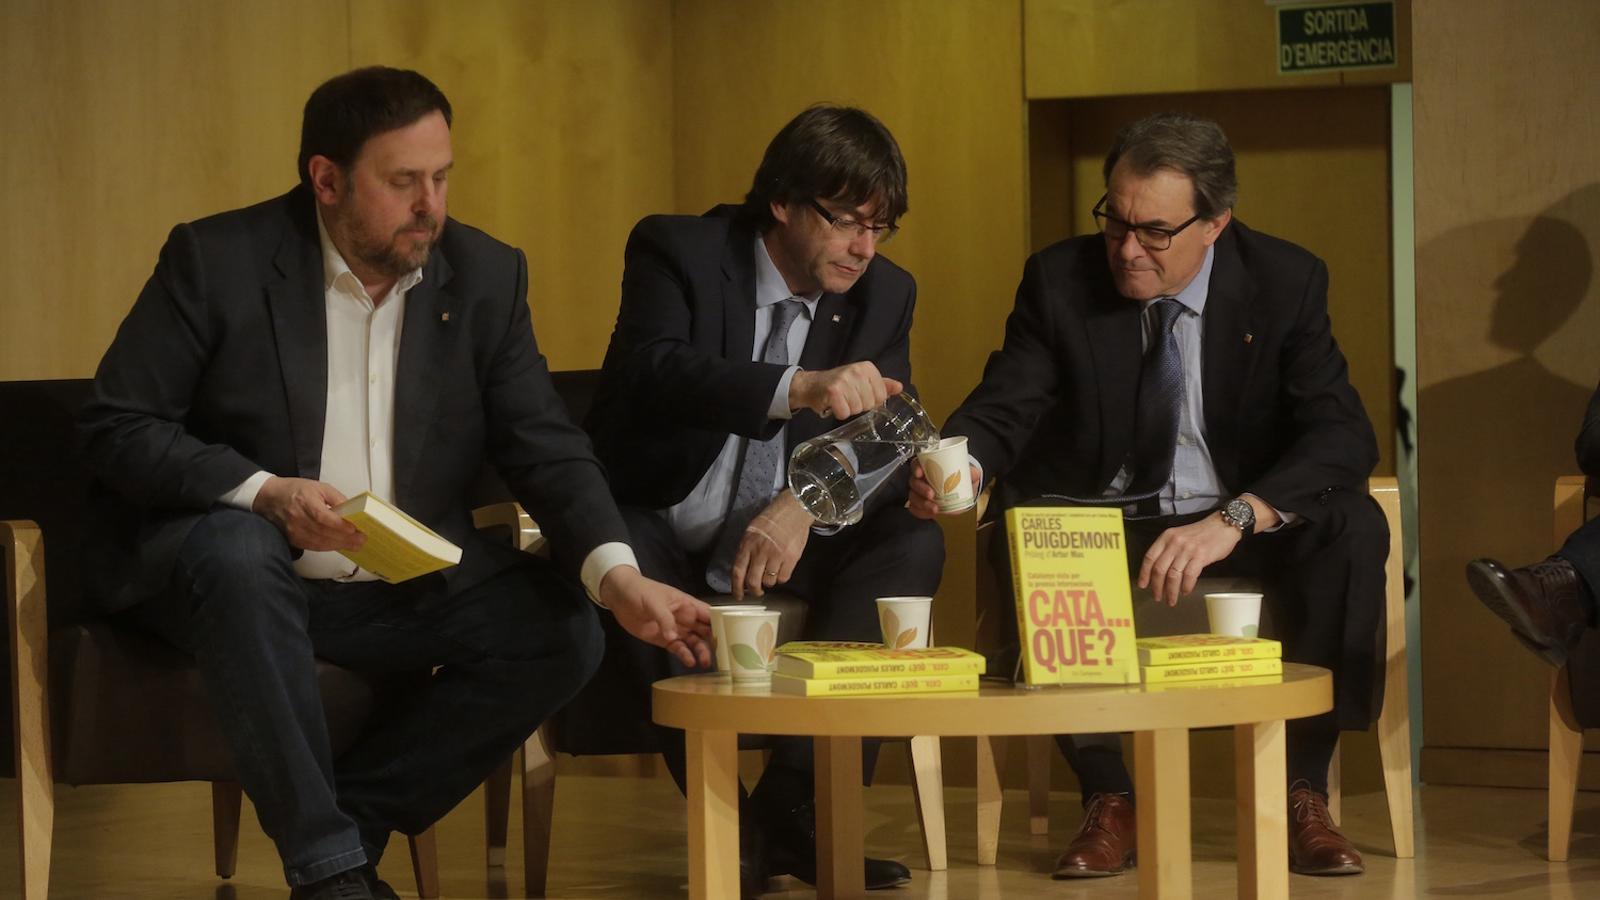 Oriol Junqueras, Carles Puigdemont i Artur Mas, en la presentació del llibre 'Cataquè?', de Carles Puigdemont i Carles Ribera